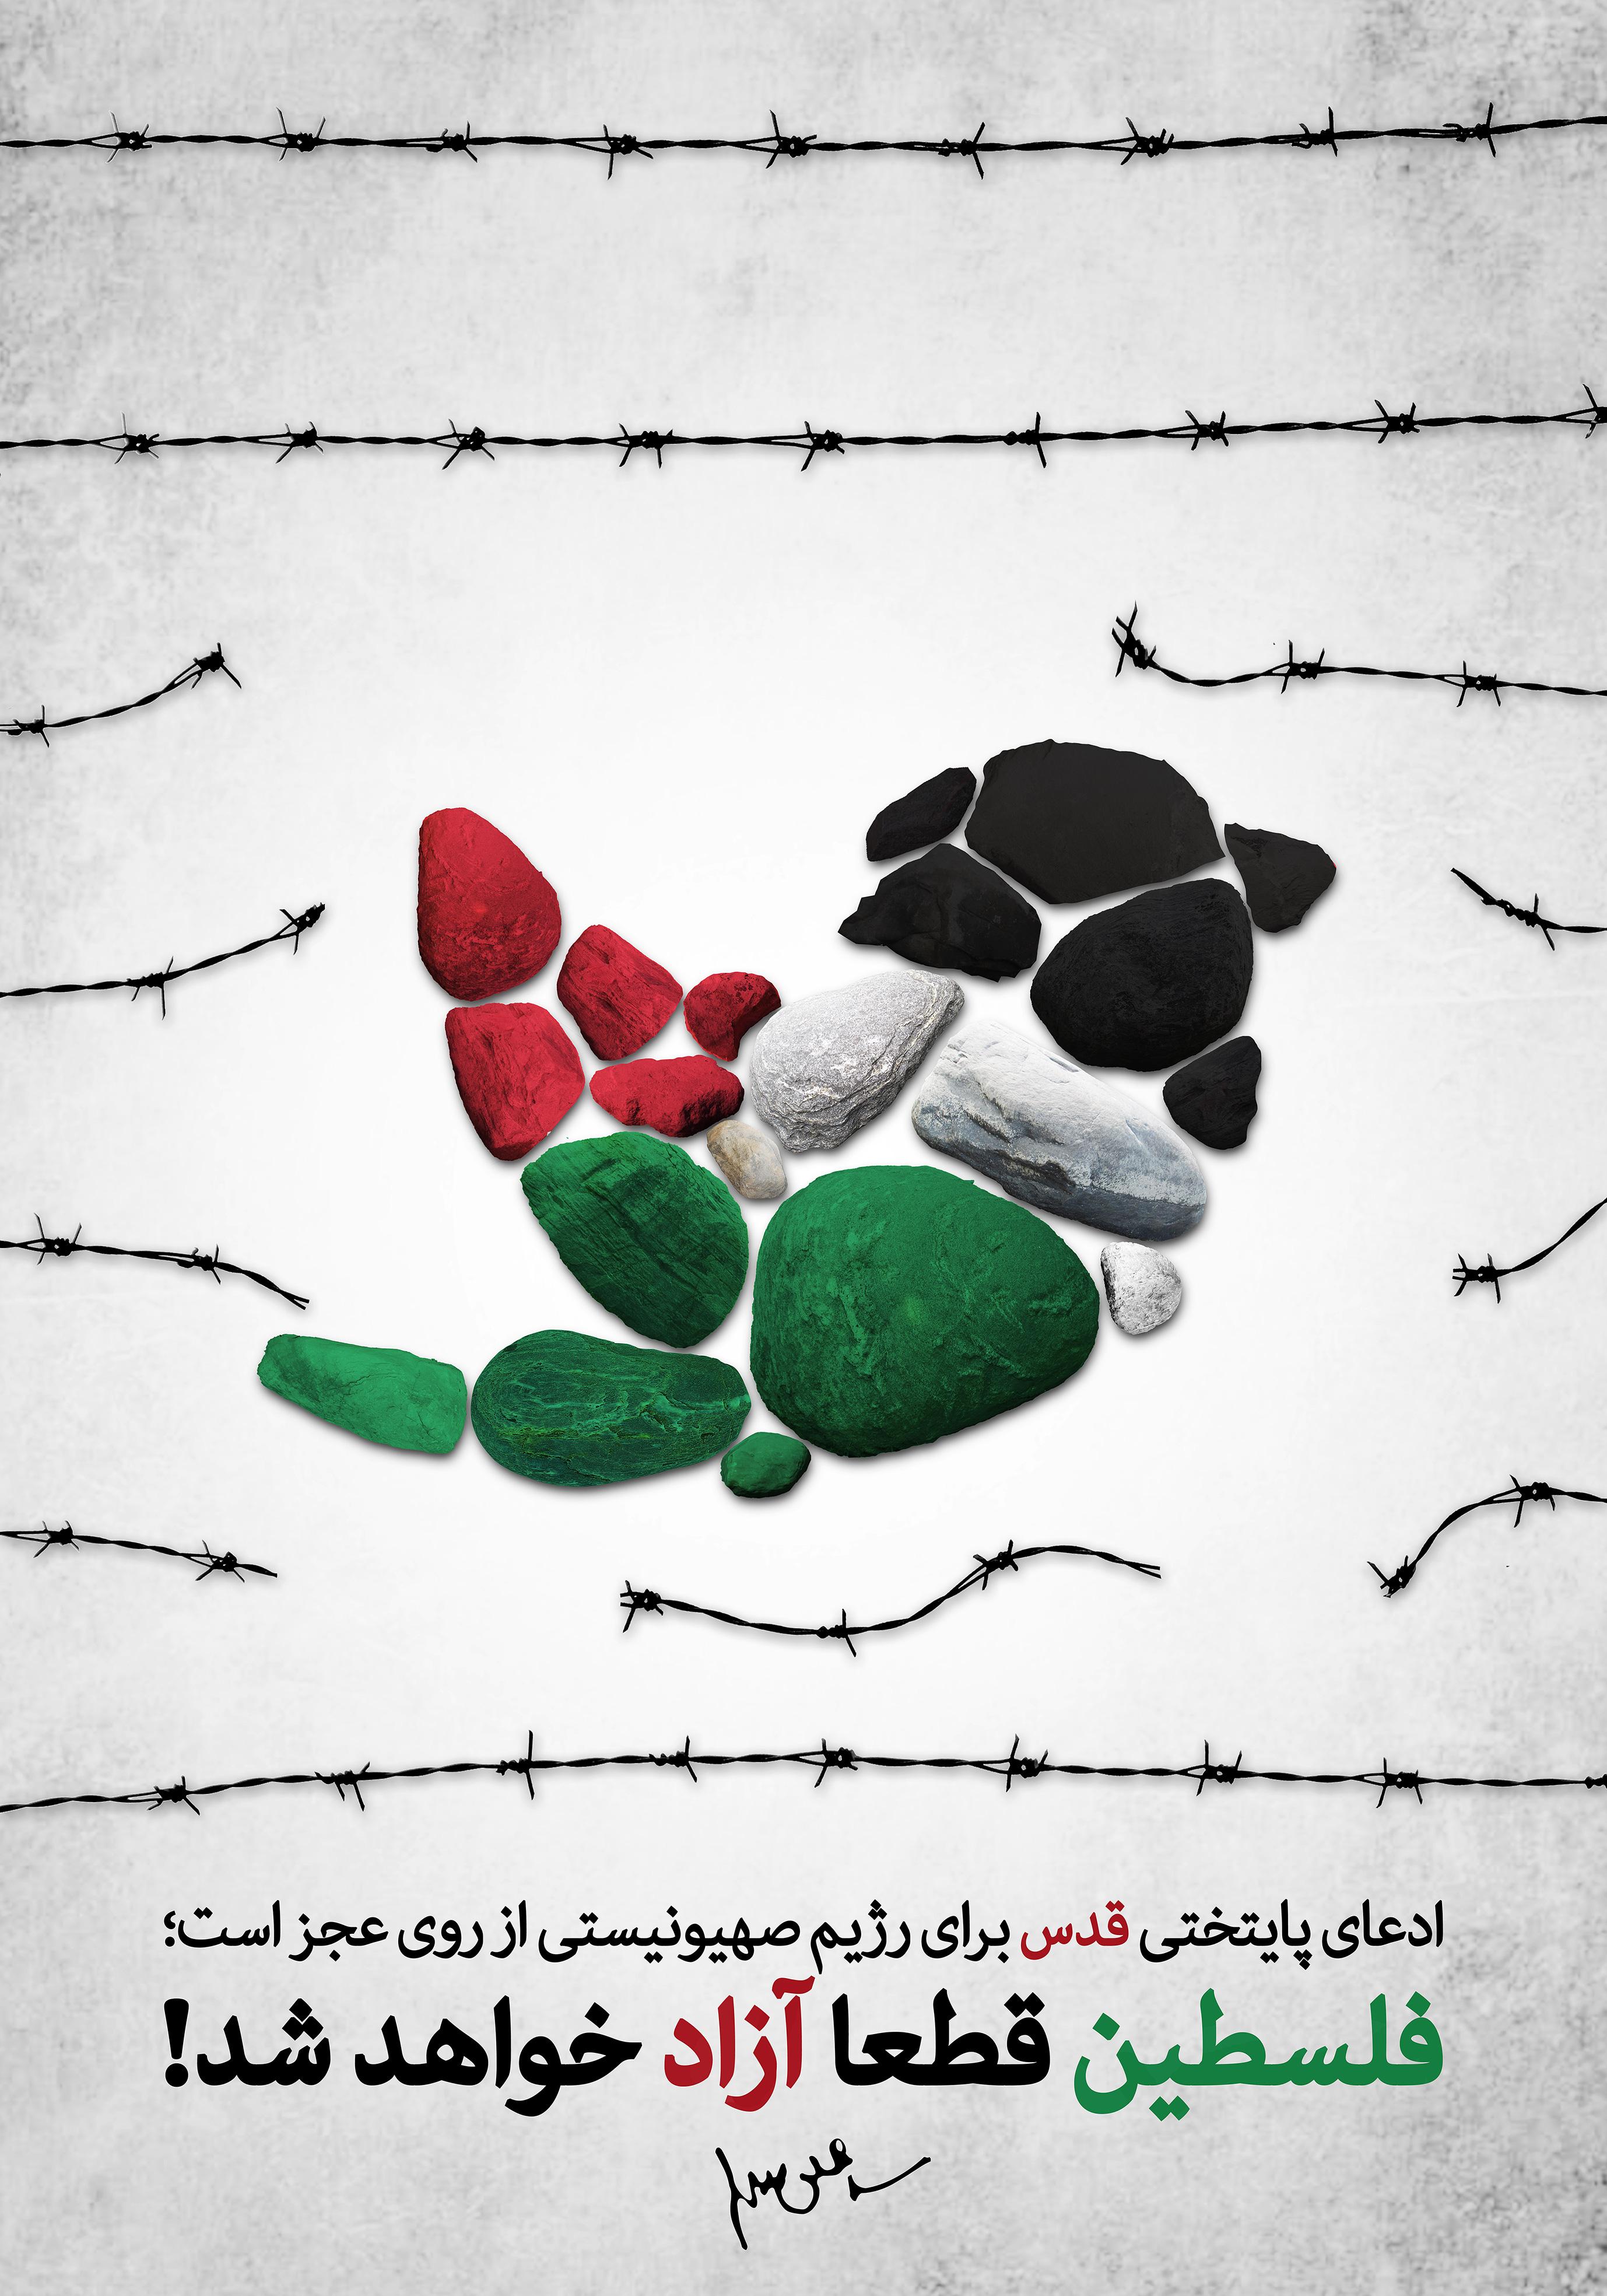 فلسطین قطعا آزاد خواهد شد,طراح رسول اشتری